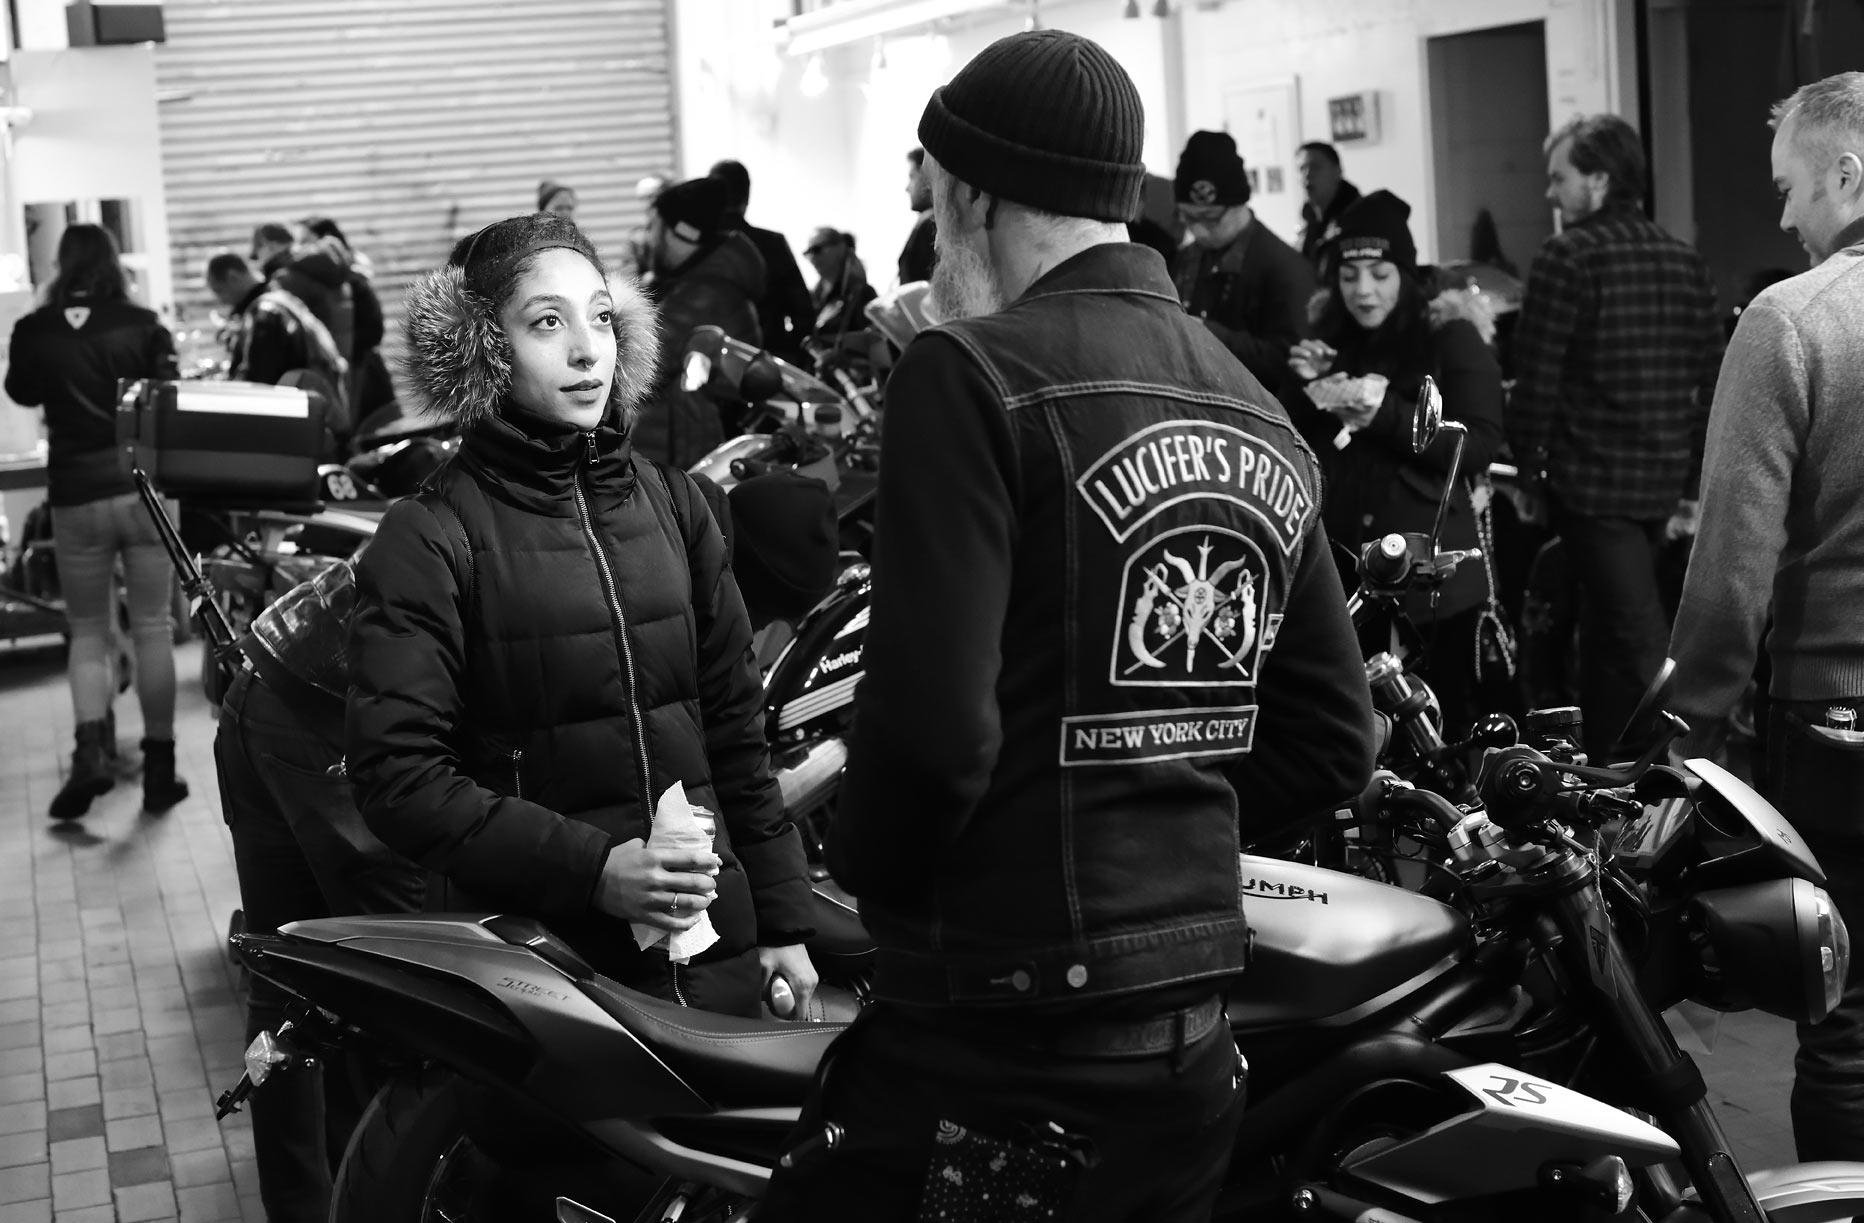 motomarket_034.jpg